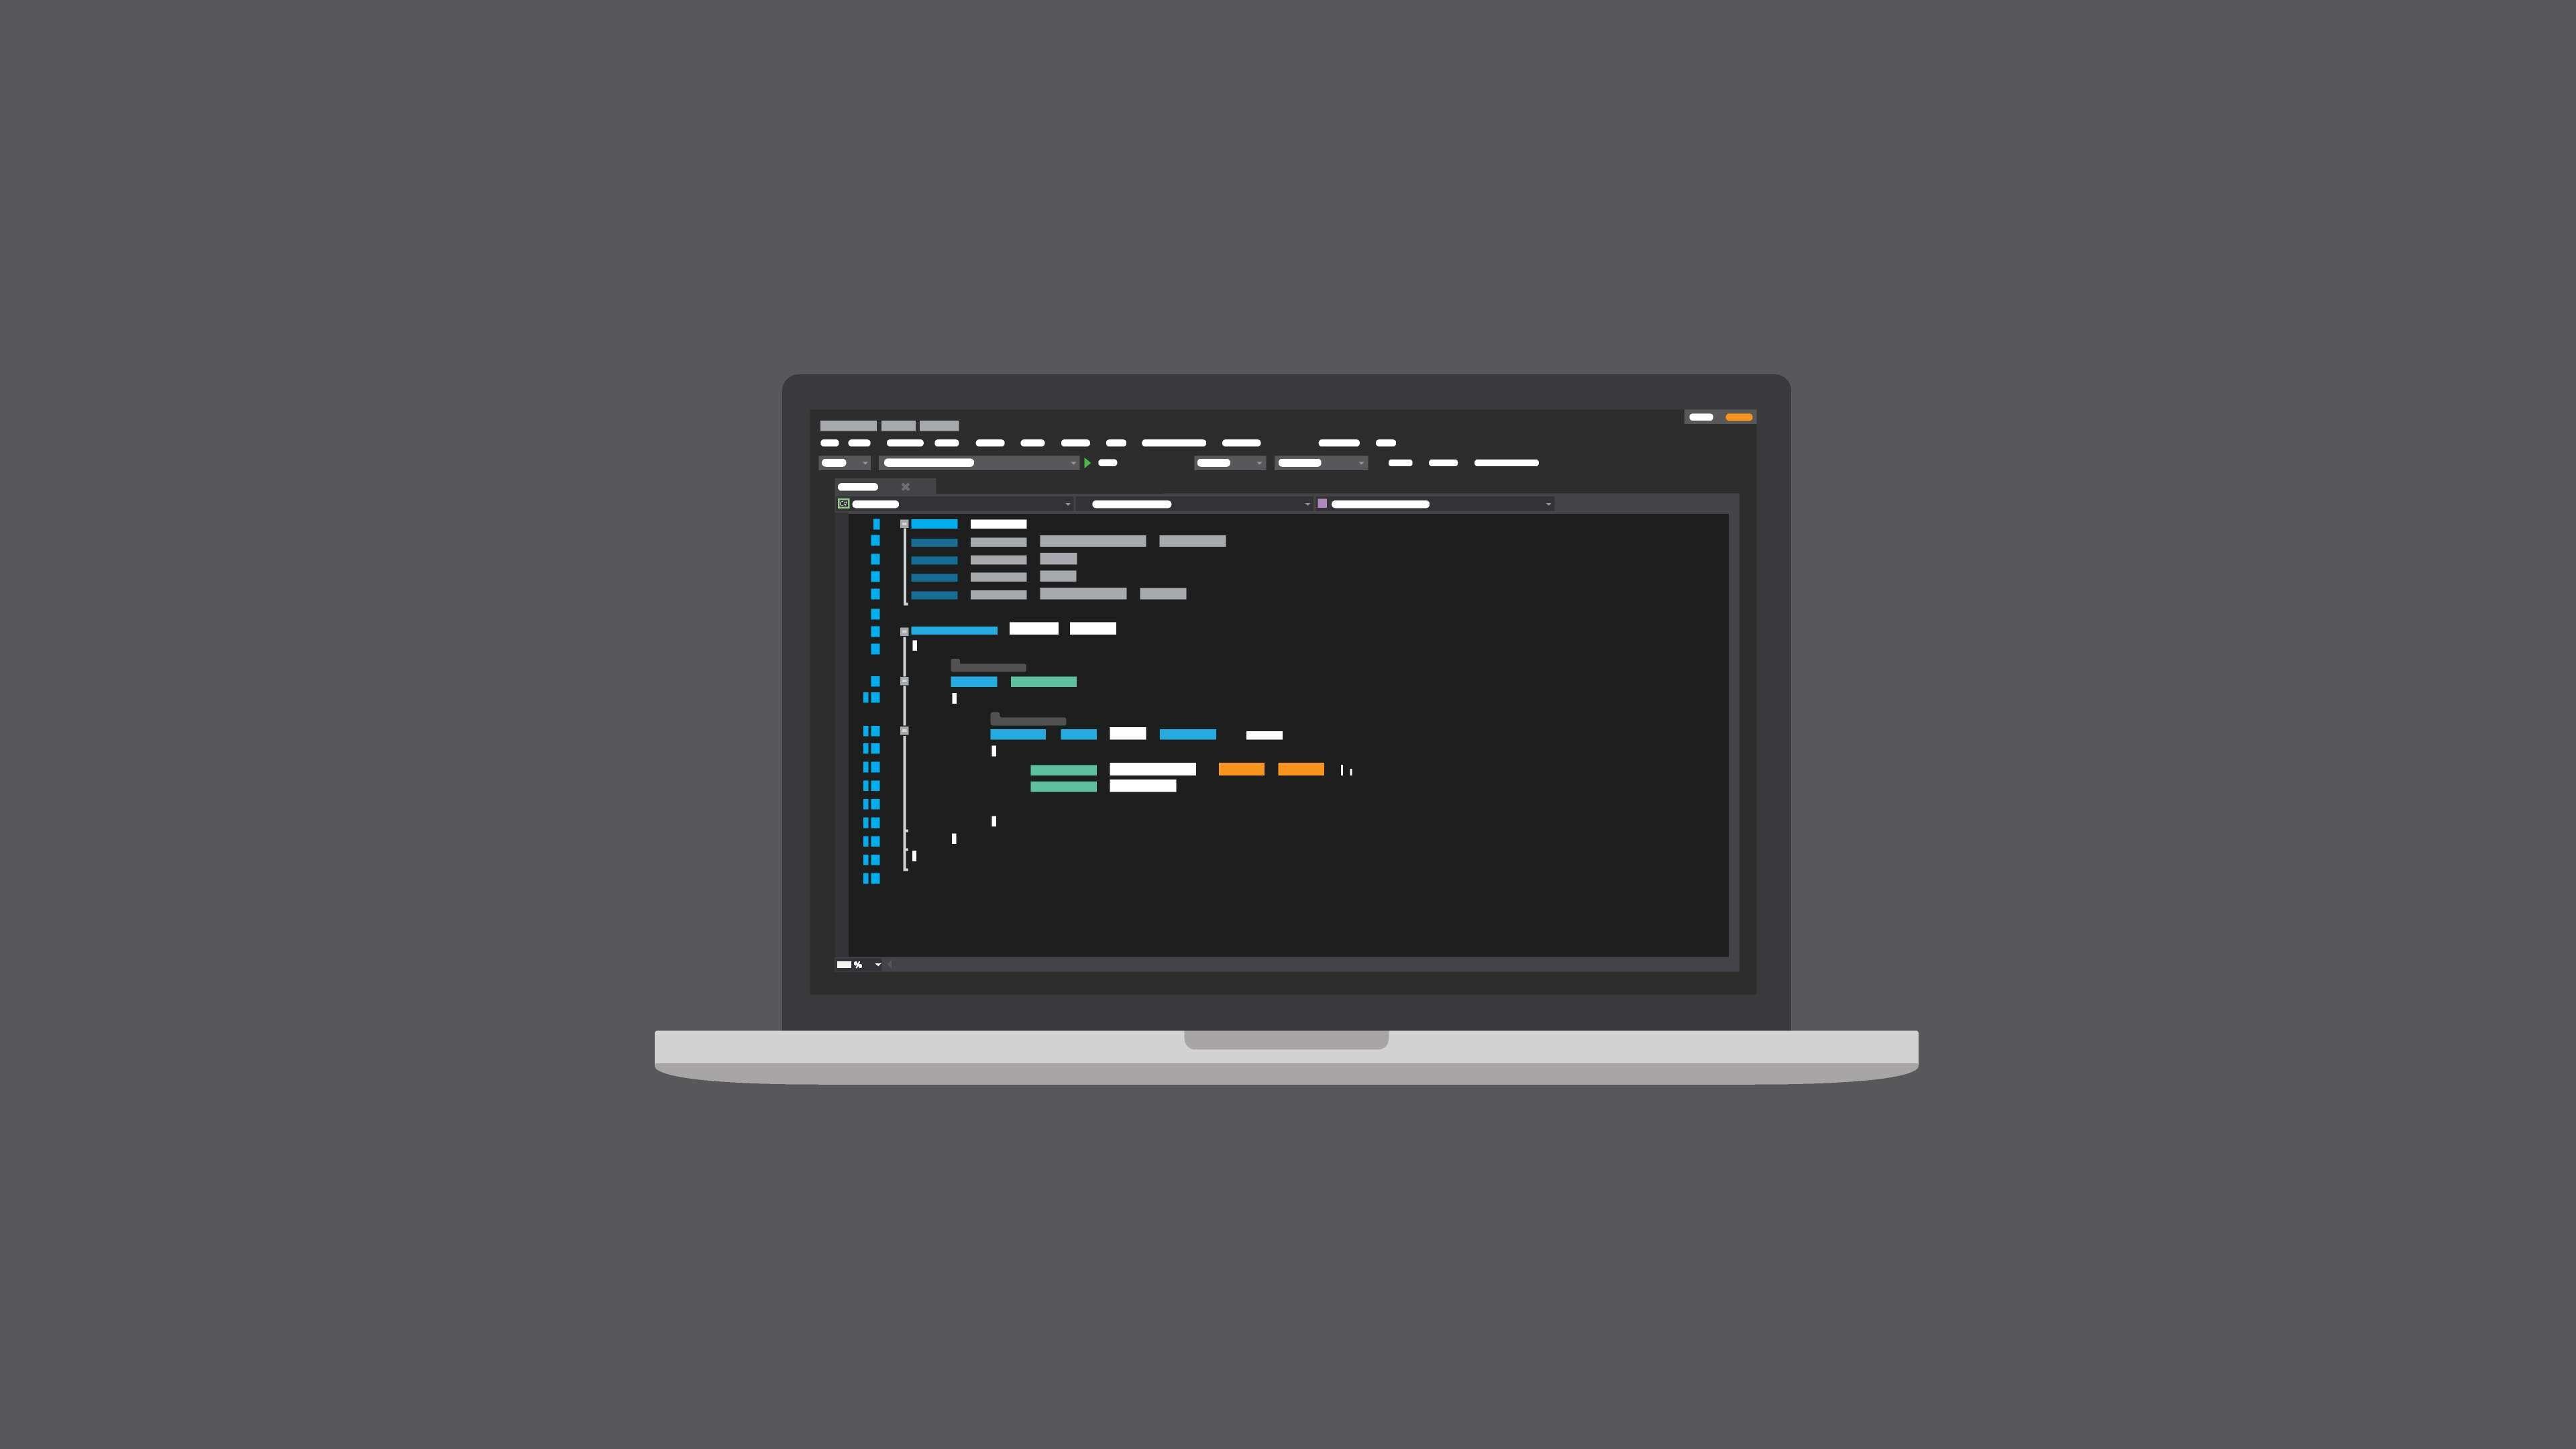 توسعه کد برای مجالس ! - قسمت صفر